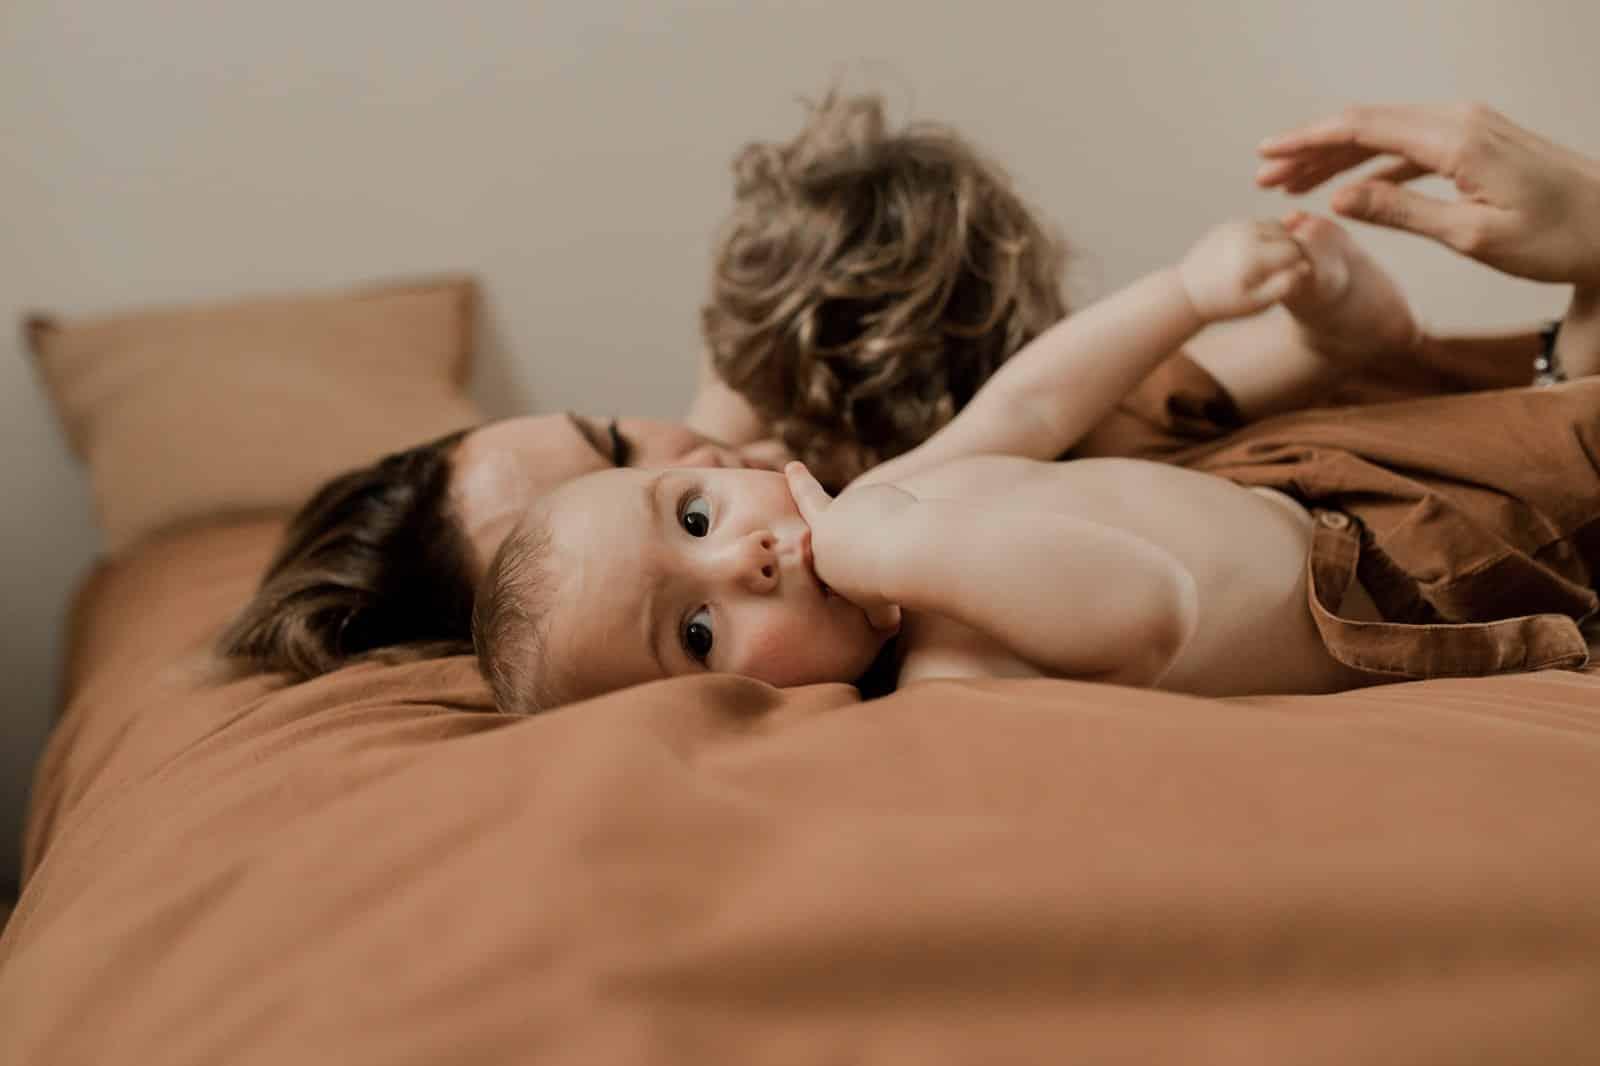 photographe vidéaste allaitement maman à caen normandie studio